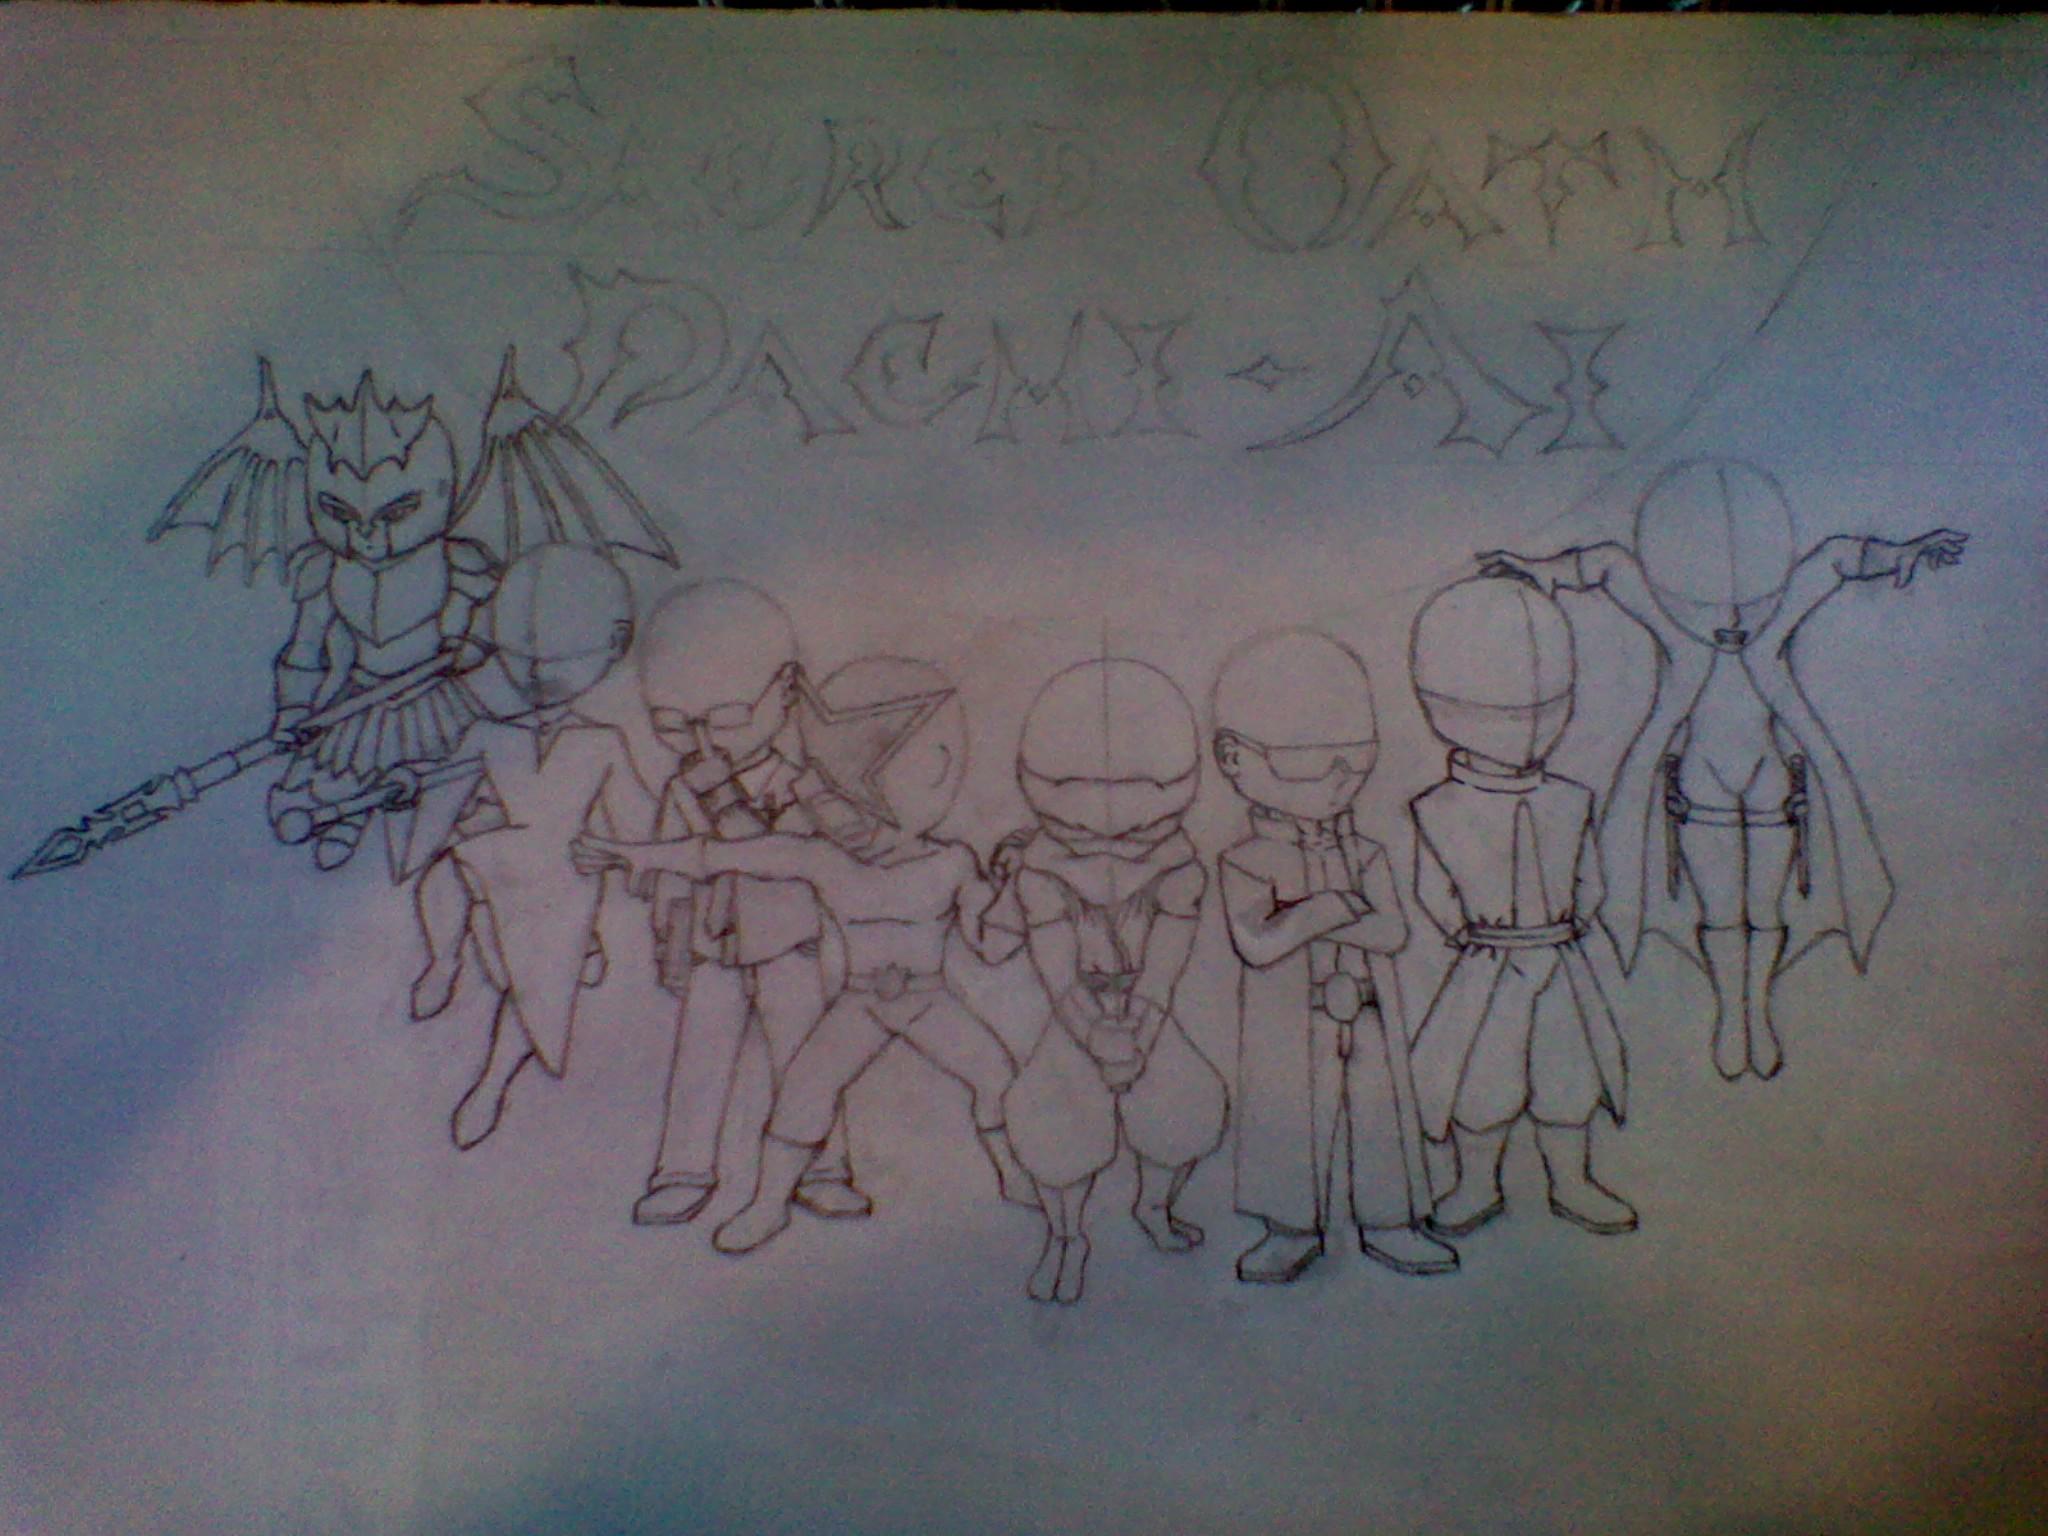 S.O.D.A. Sketch